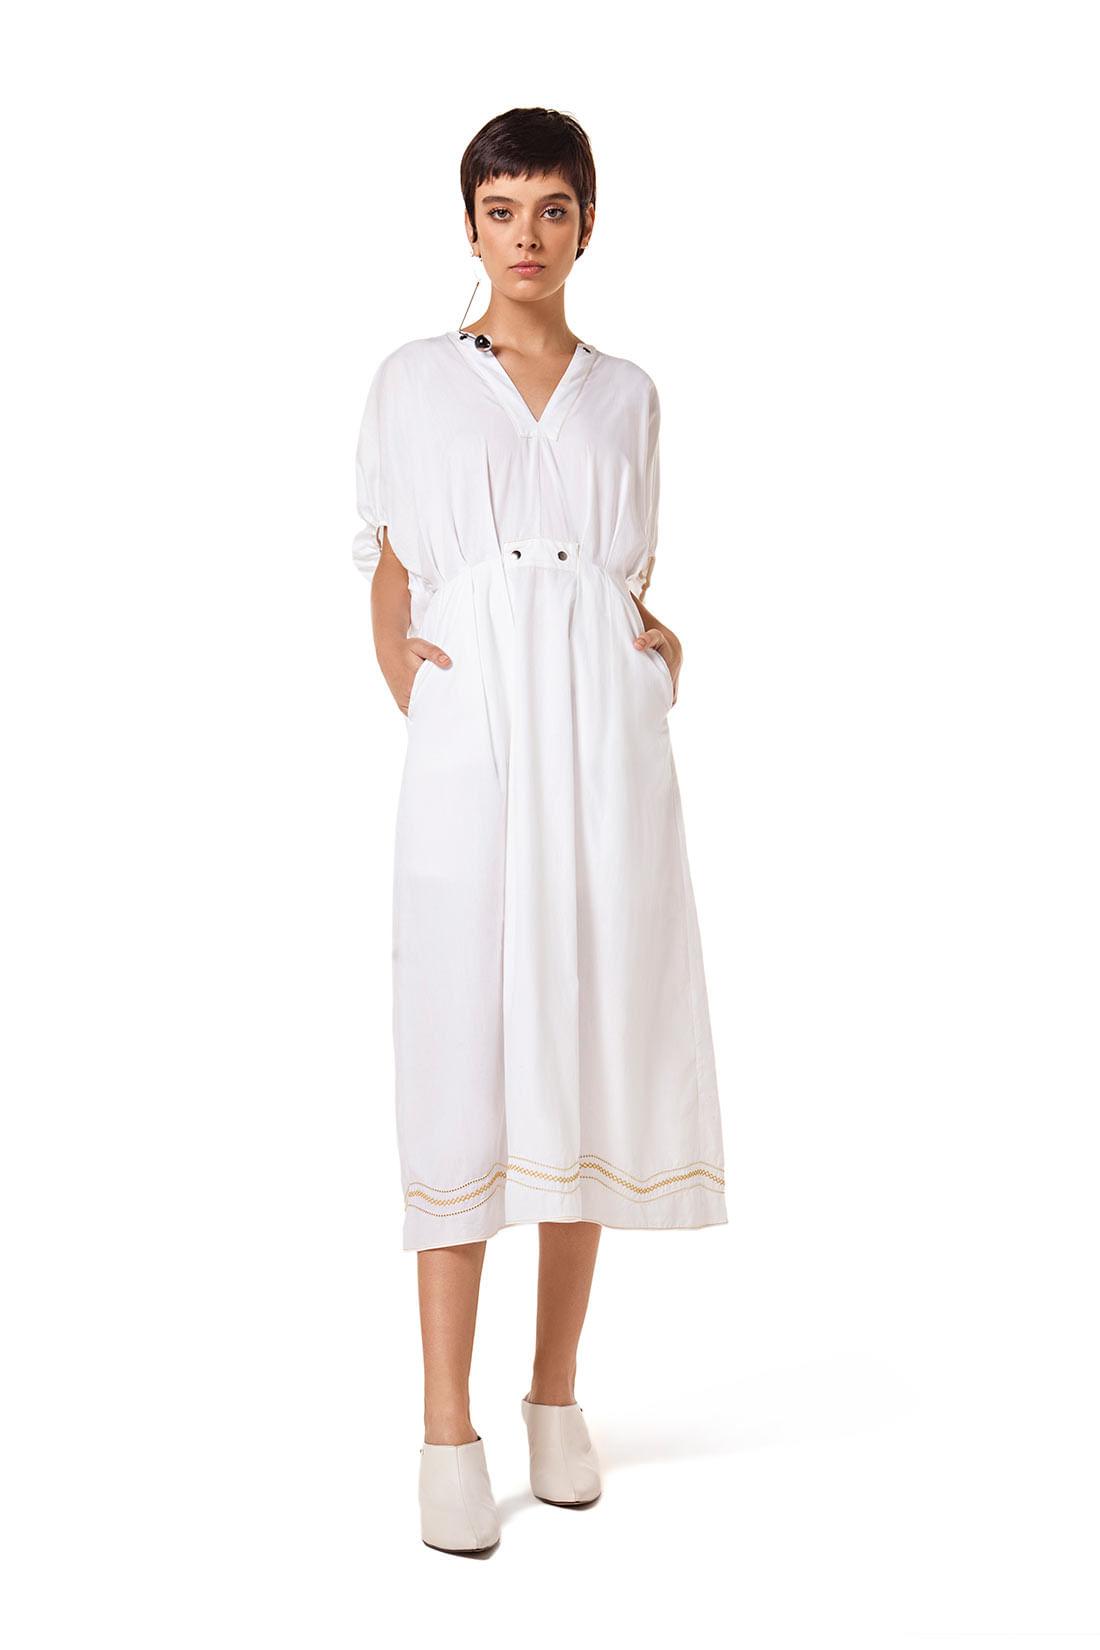 fce2a7f81b Vestido Midi Decote V Costura Marcada Branco - leboh